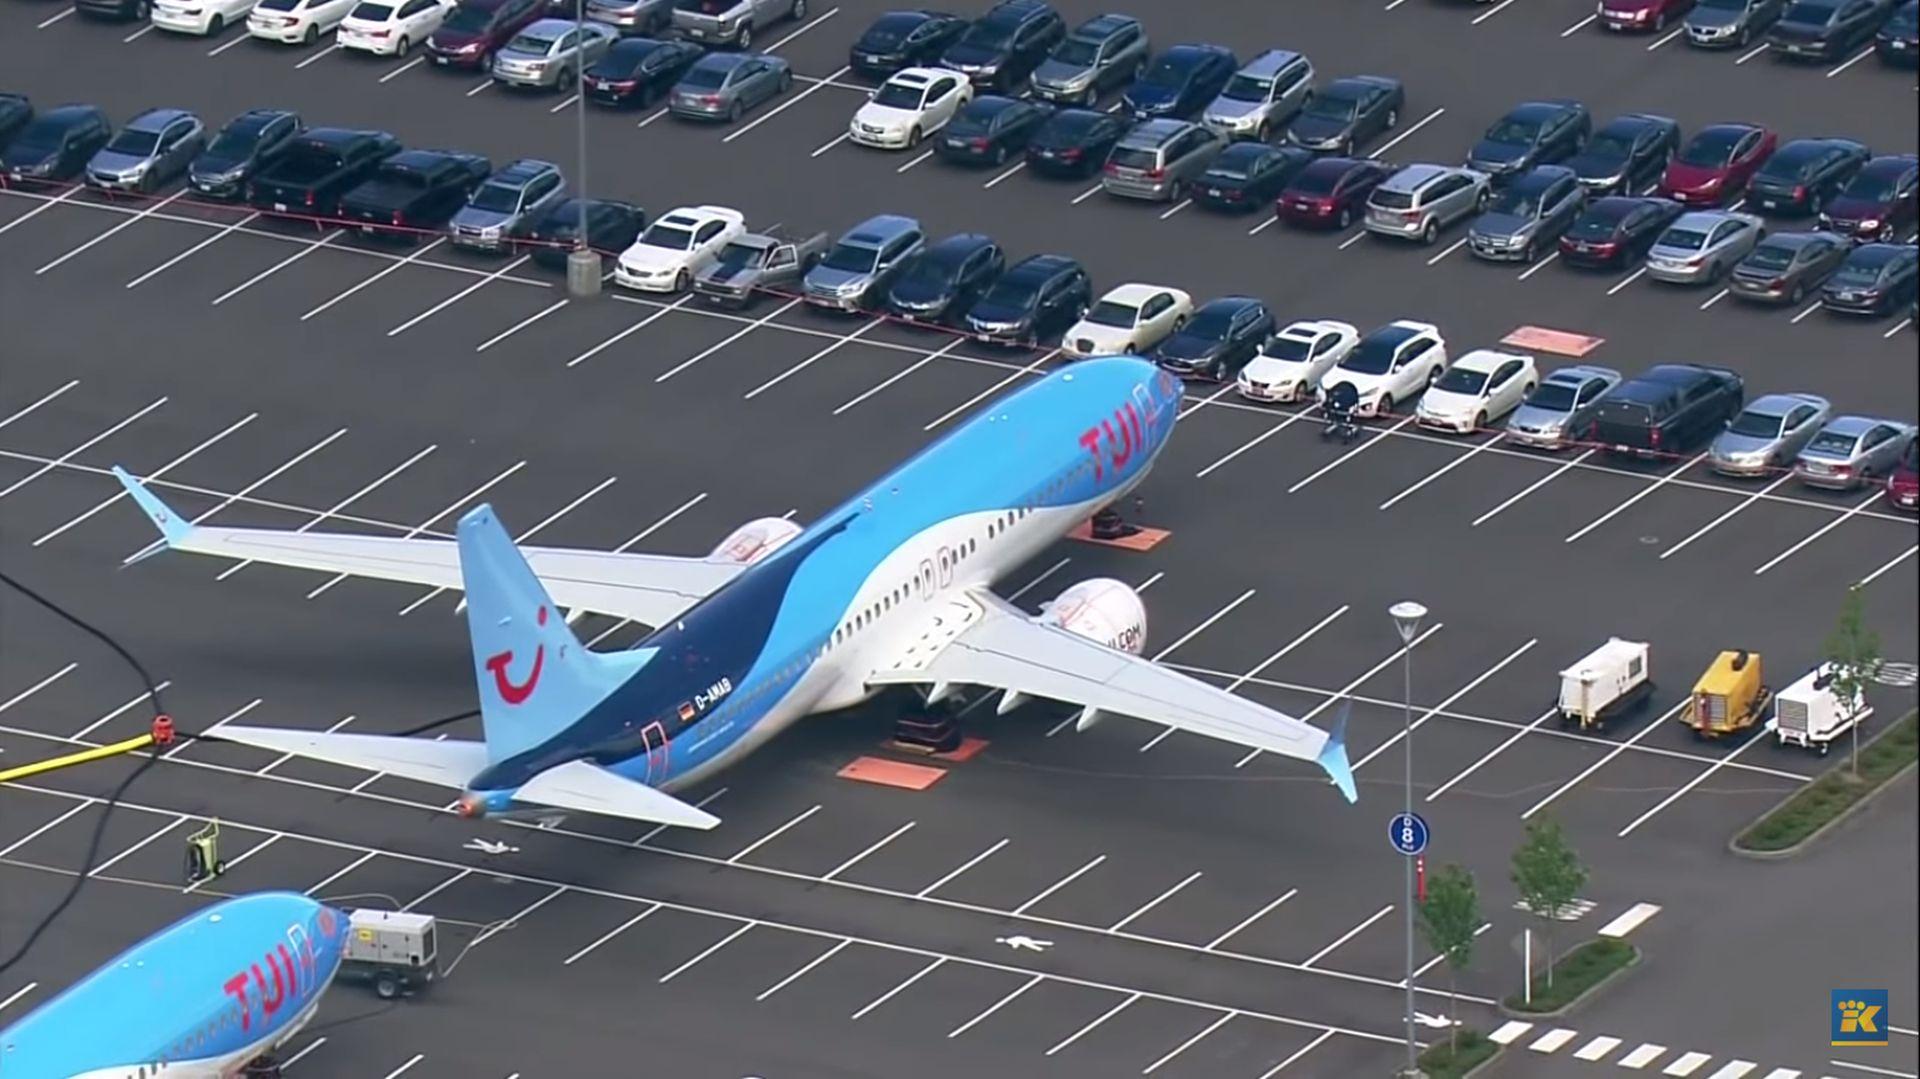 Odstavené boeingy 737 MAX na parkovišti pro zaměstnance v Rentonu. Foto: King TV / Youtube.com